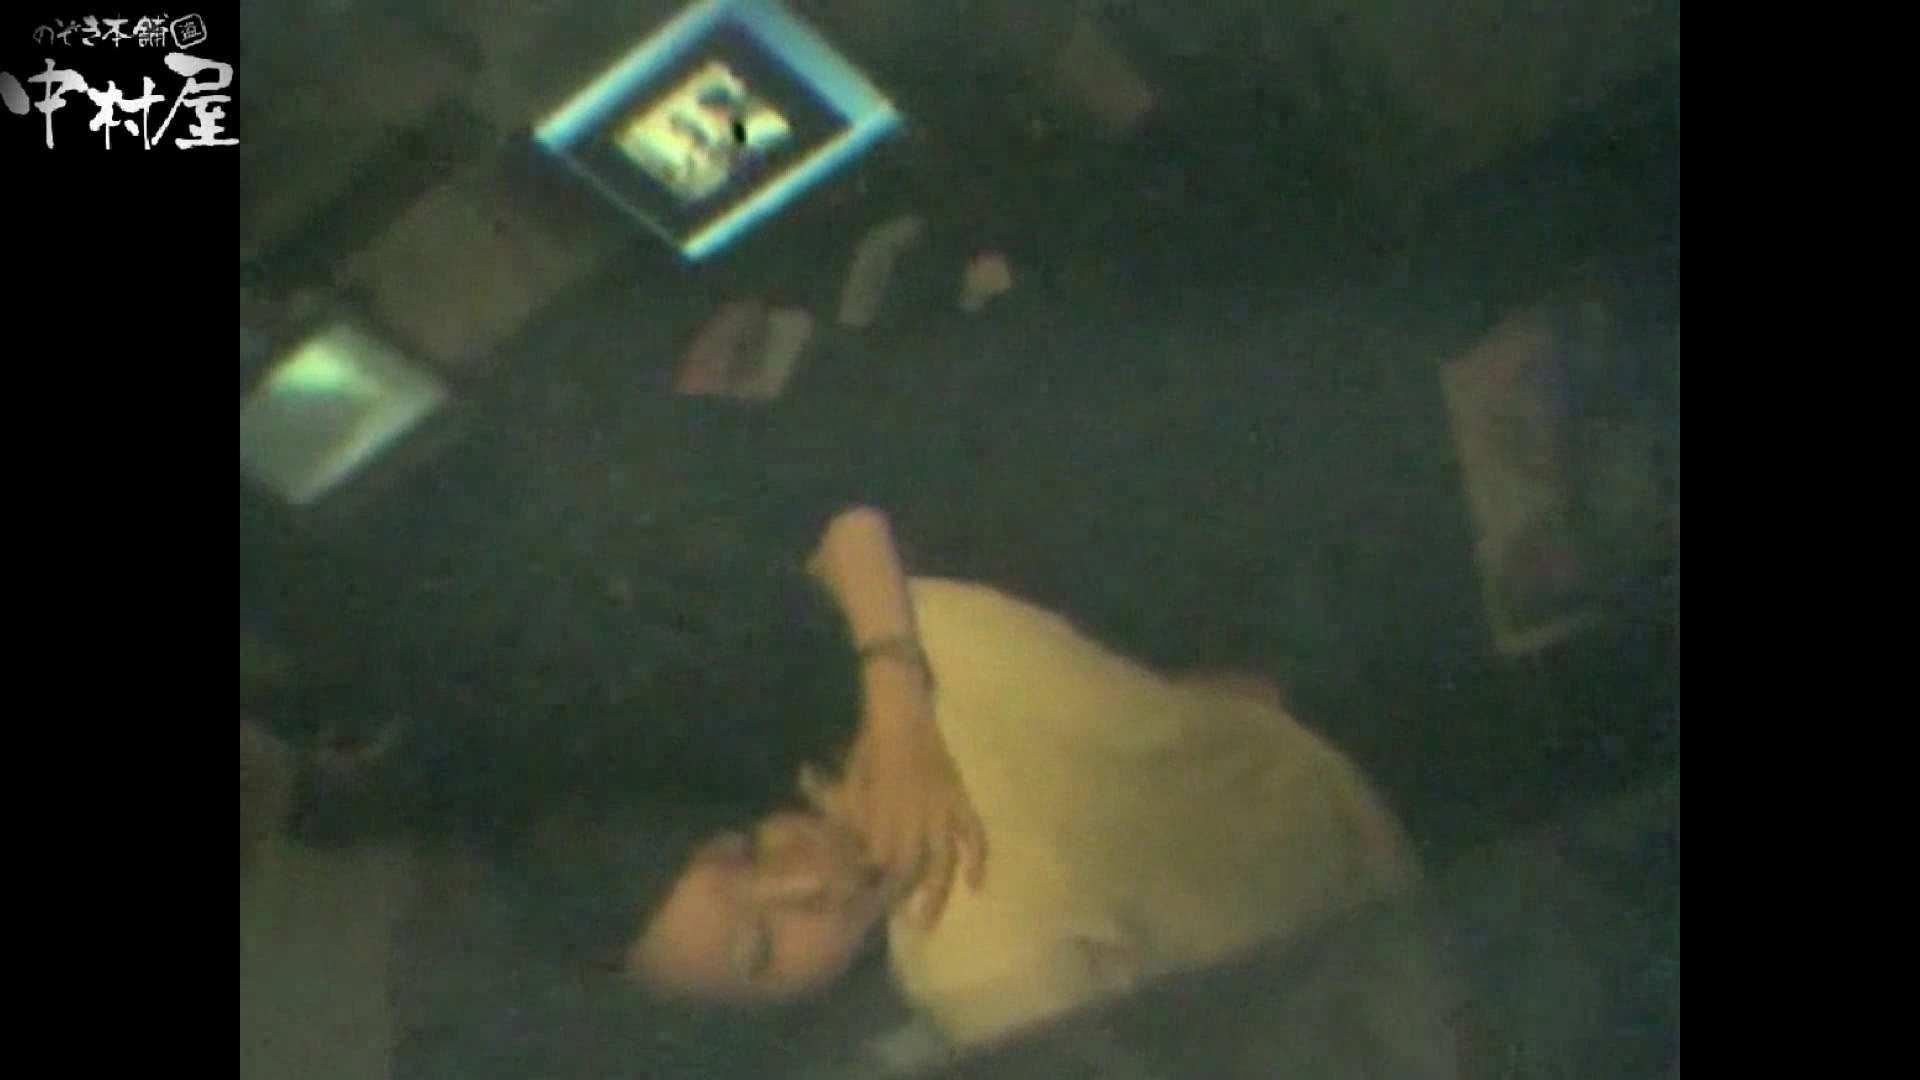 インターネットカフェの中で起こっている出来事 vol.002 OLのエロ生活 われめAV動画紹介 19連発 17